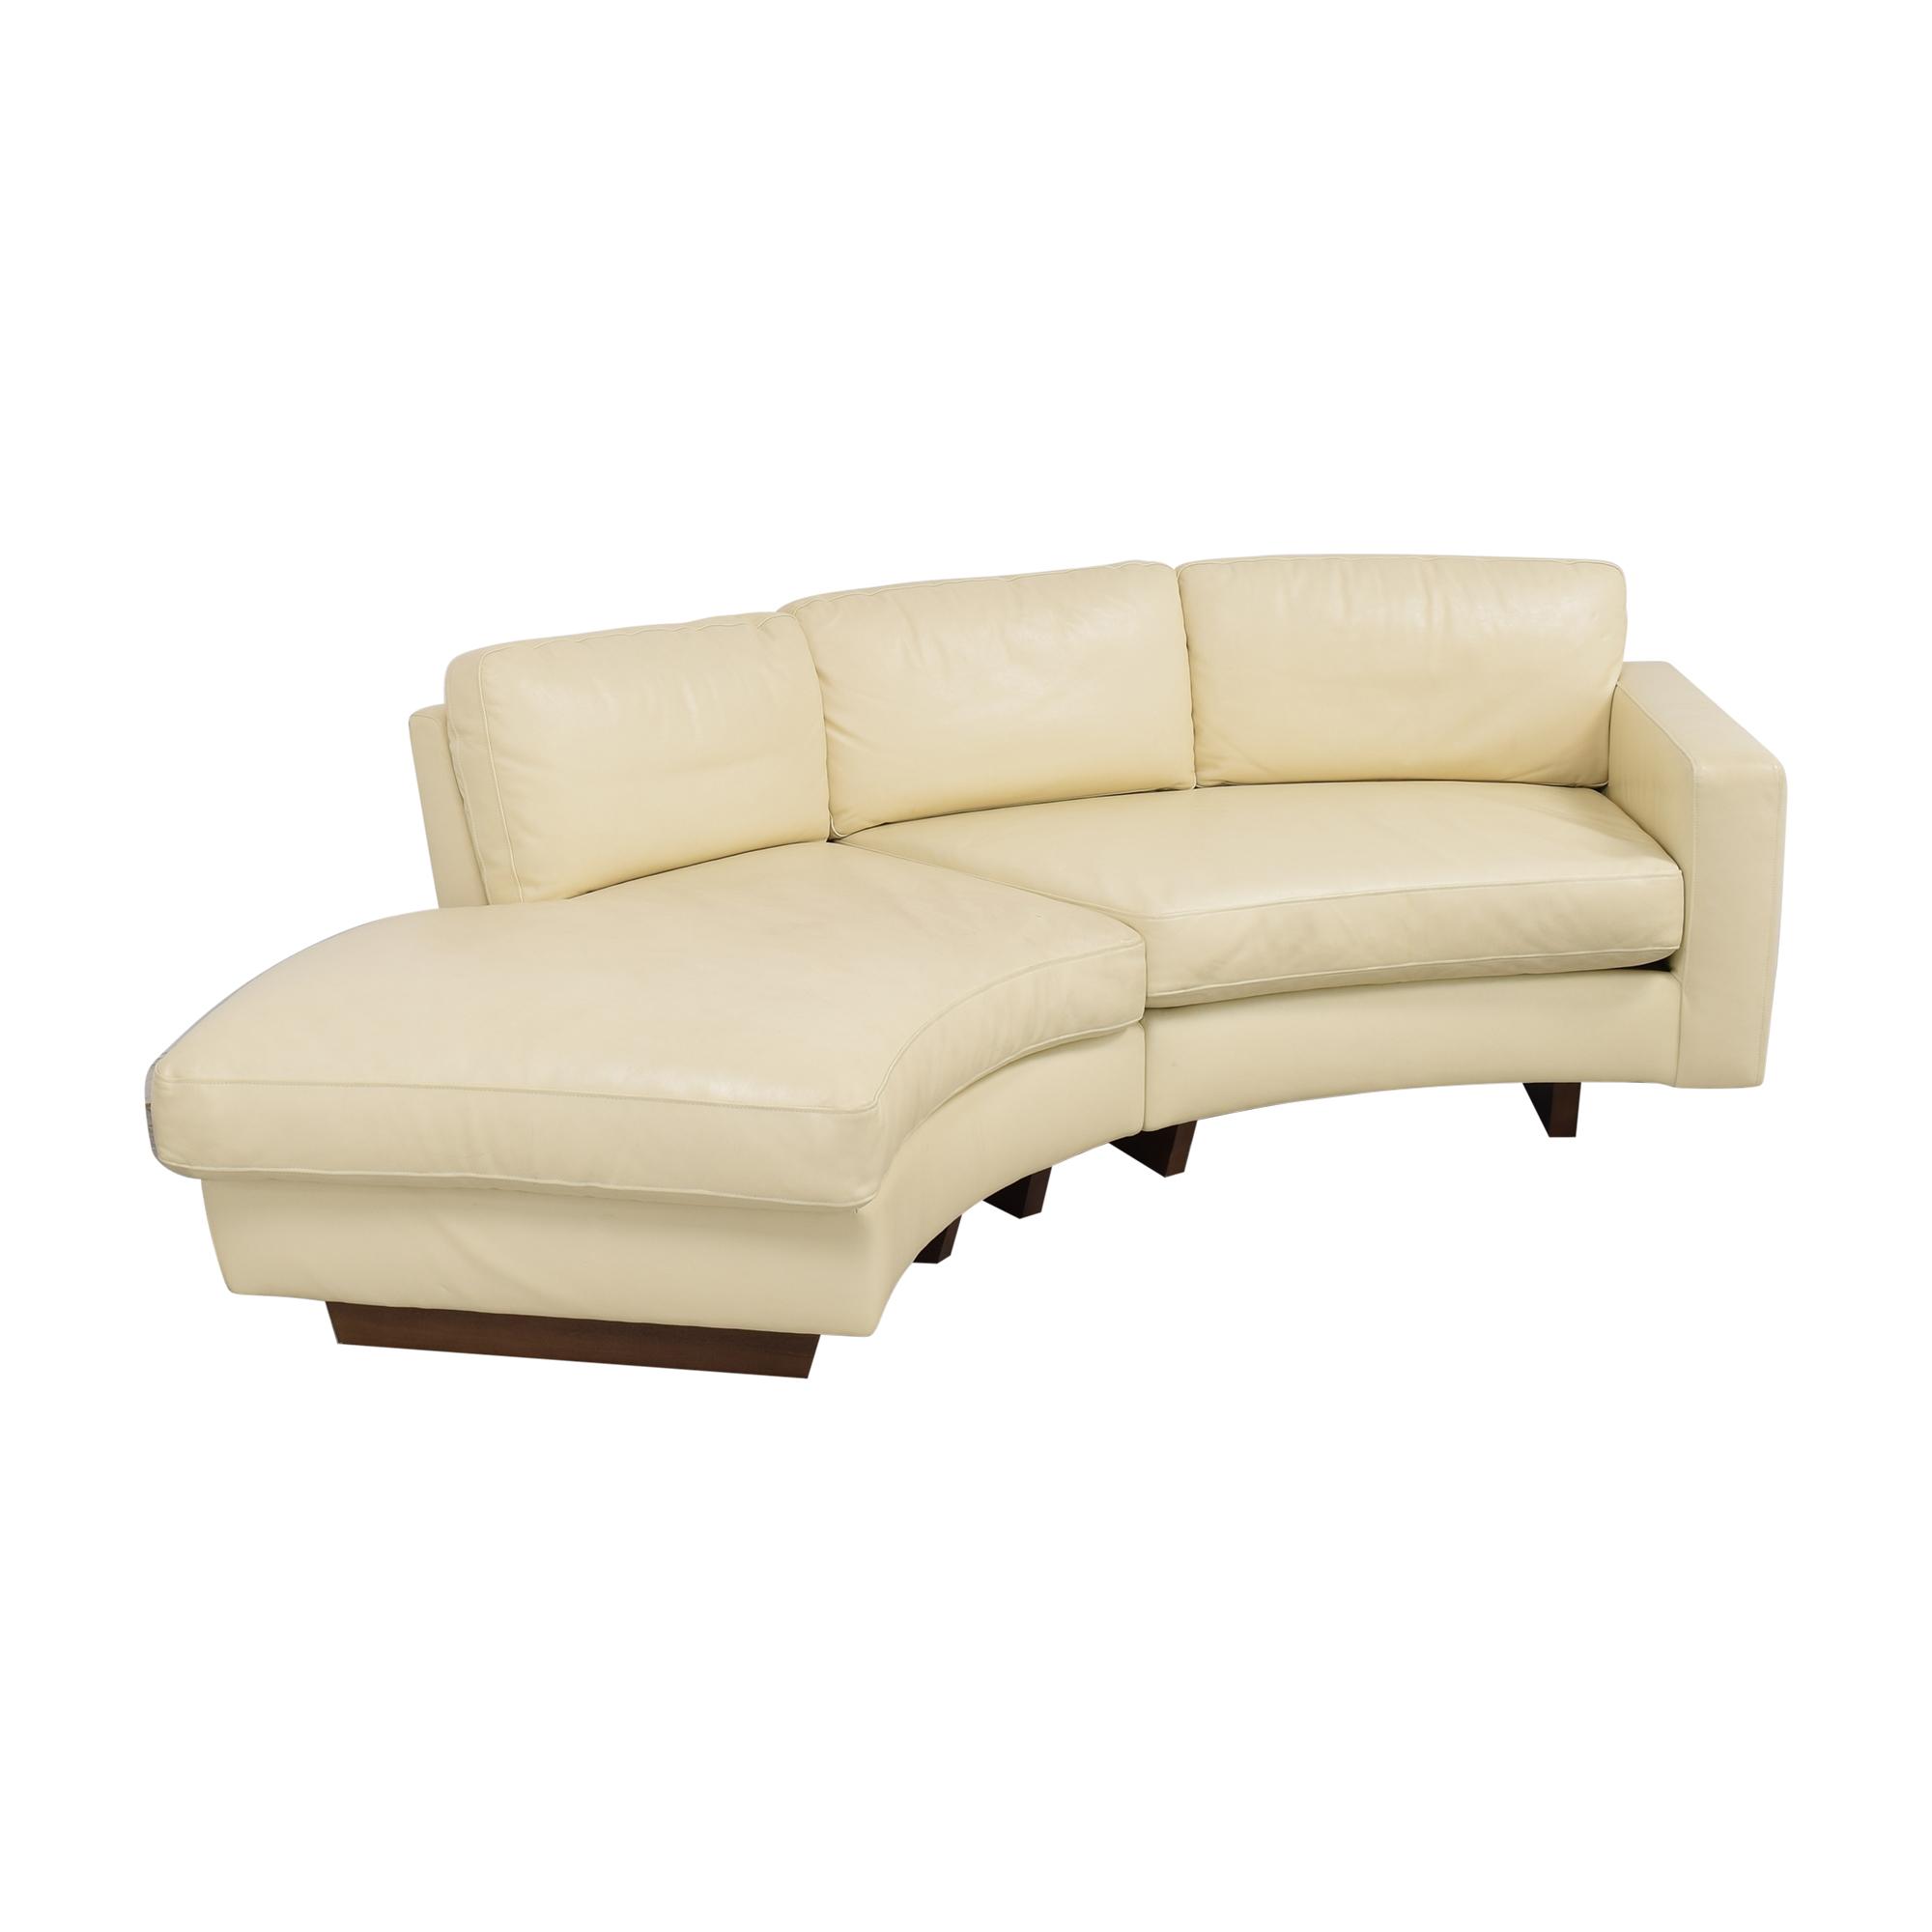 Thayer Coggin Clip 2 Sectional Sofa / Sofas